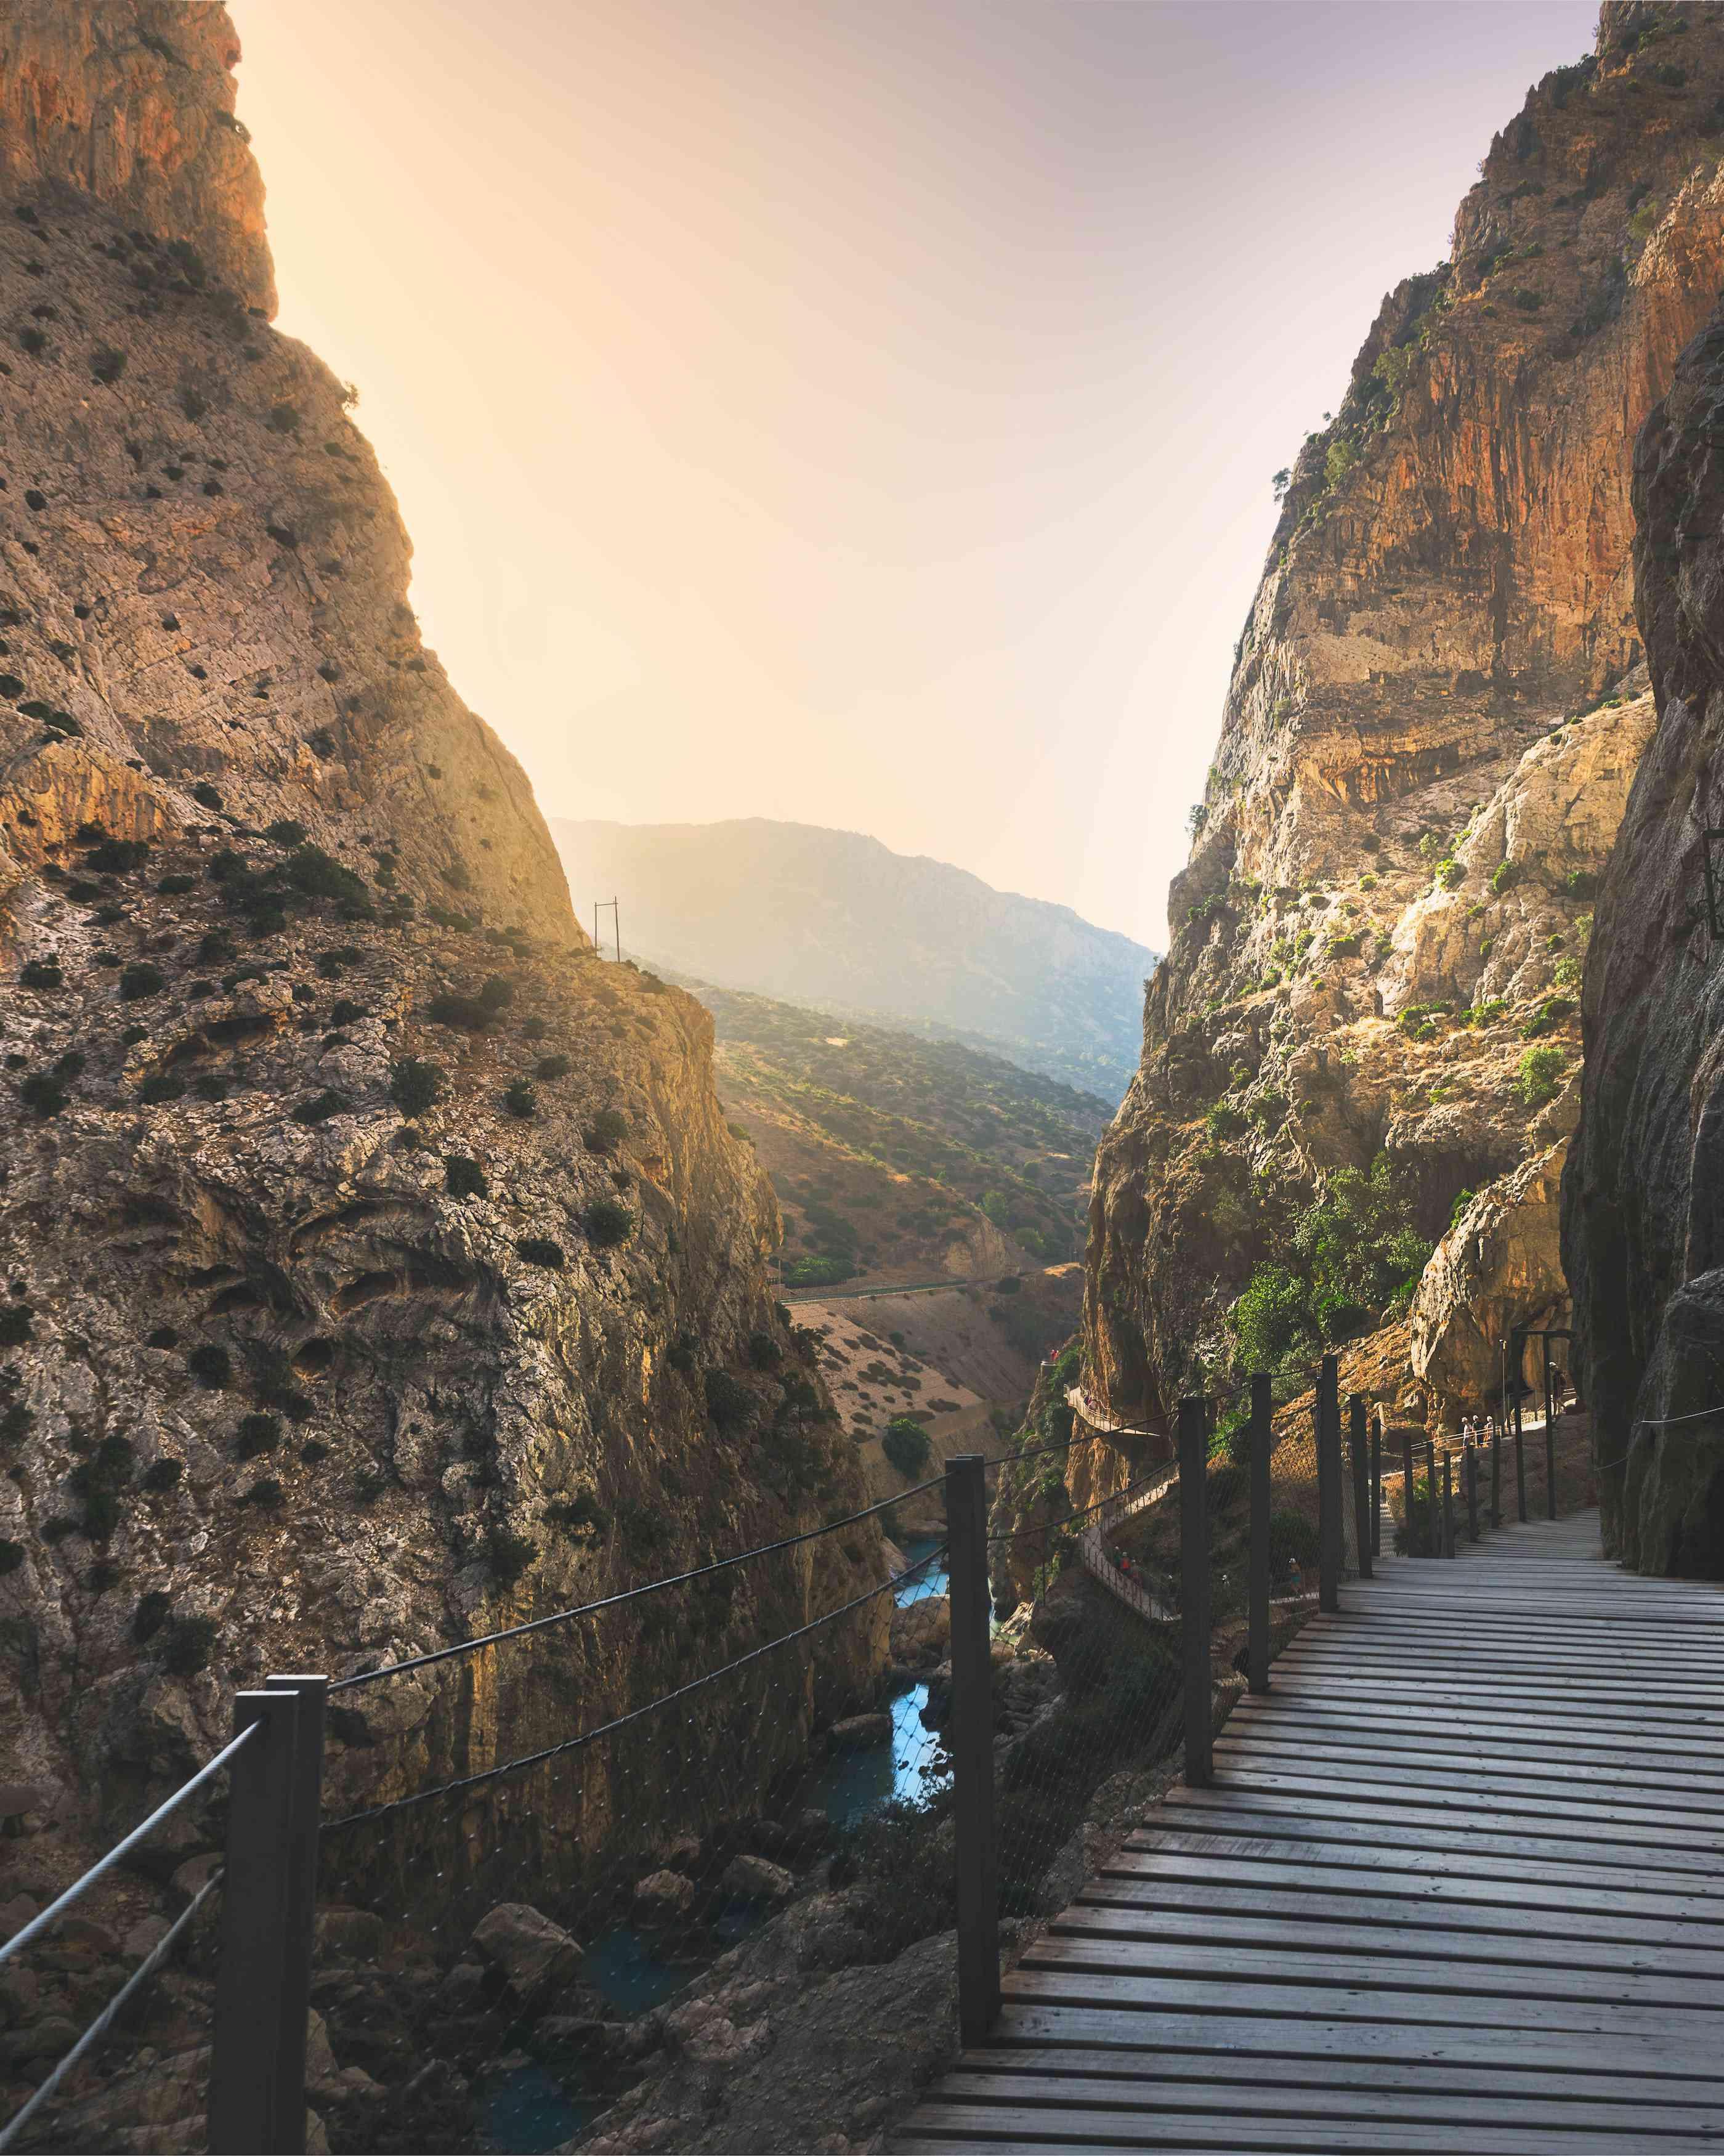 A hiking trail in Malaga Spain at dawn